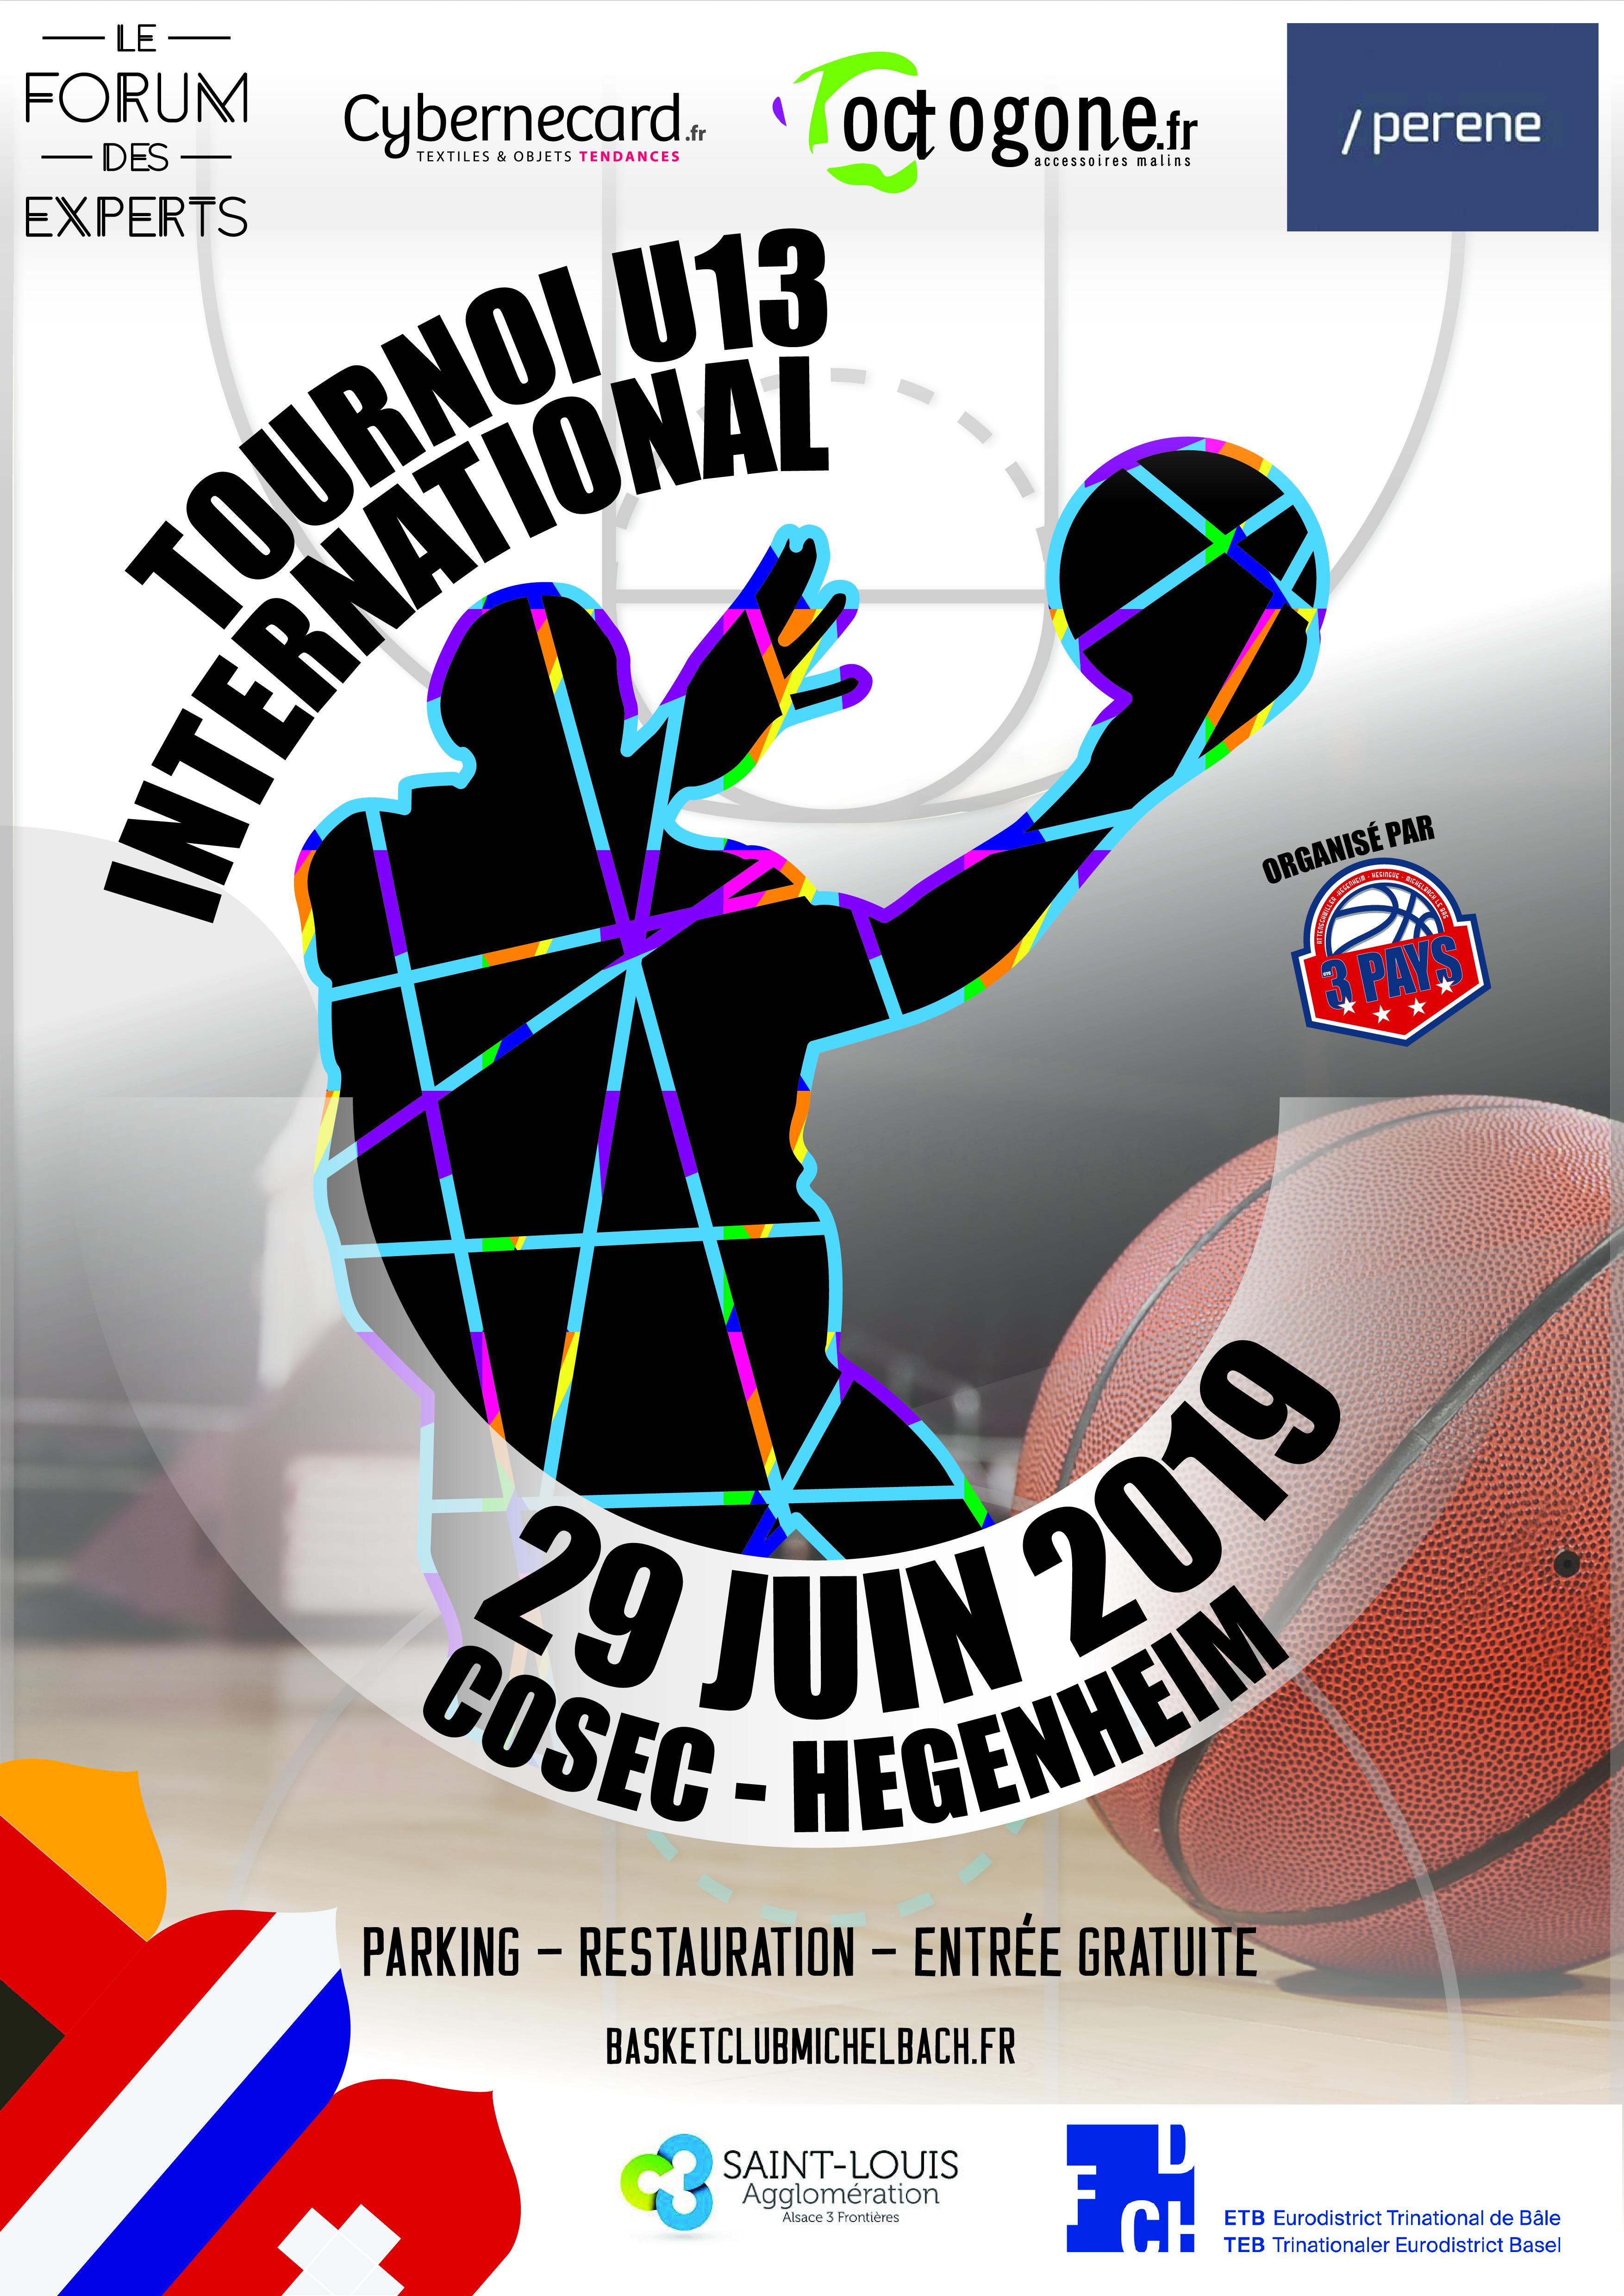 affiche-tournoi-inter-2019-sponsors-01